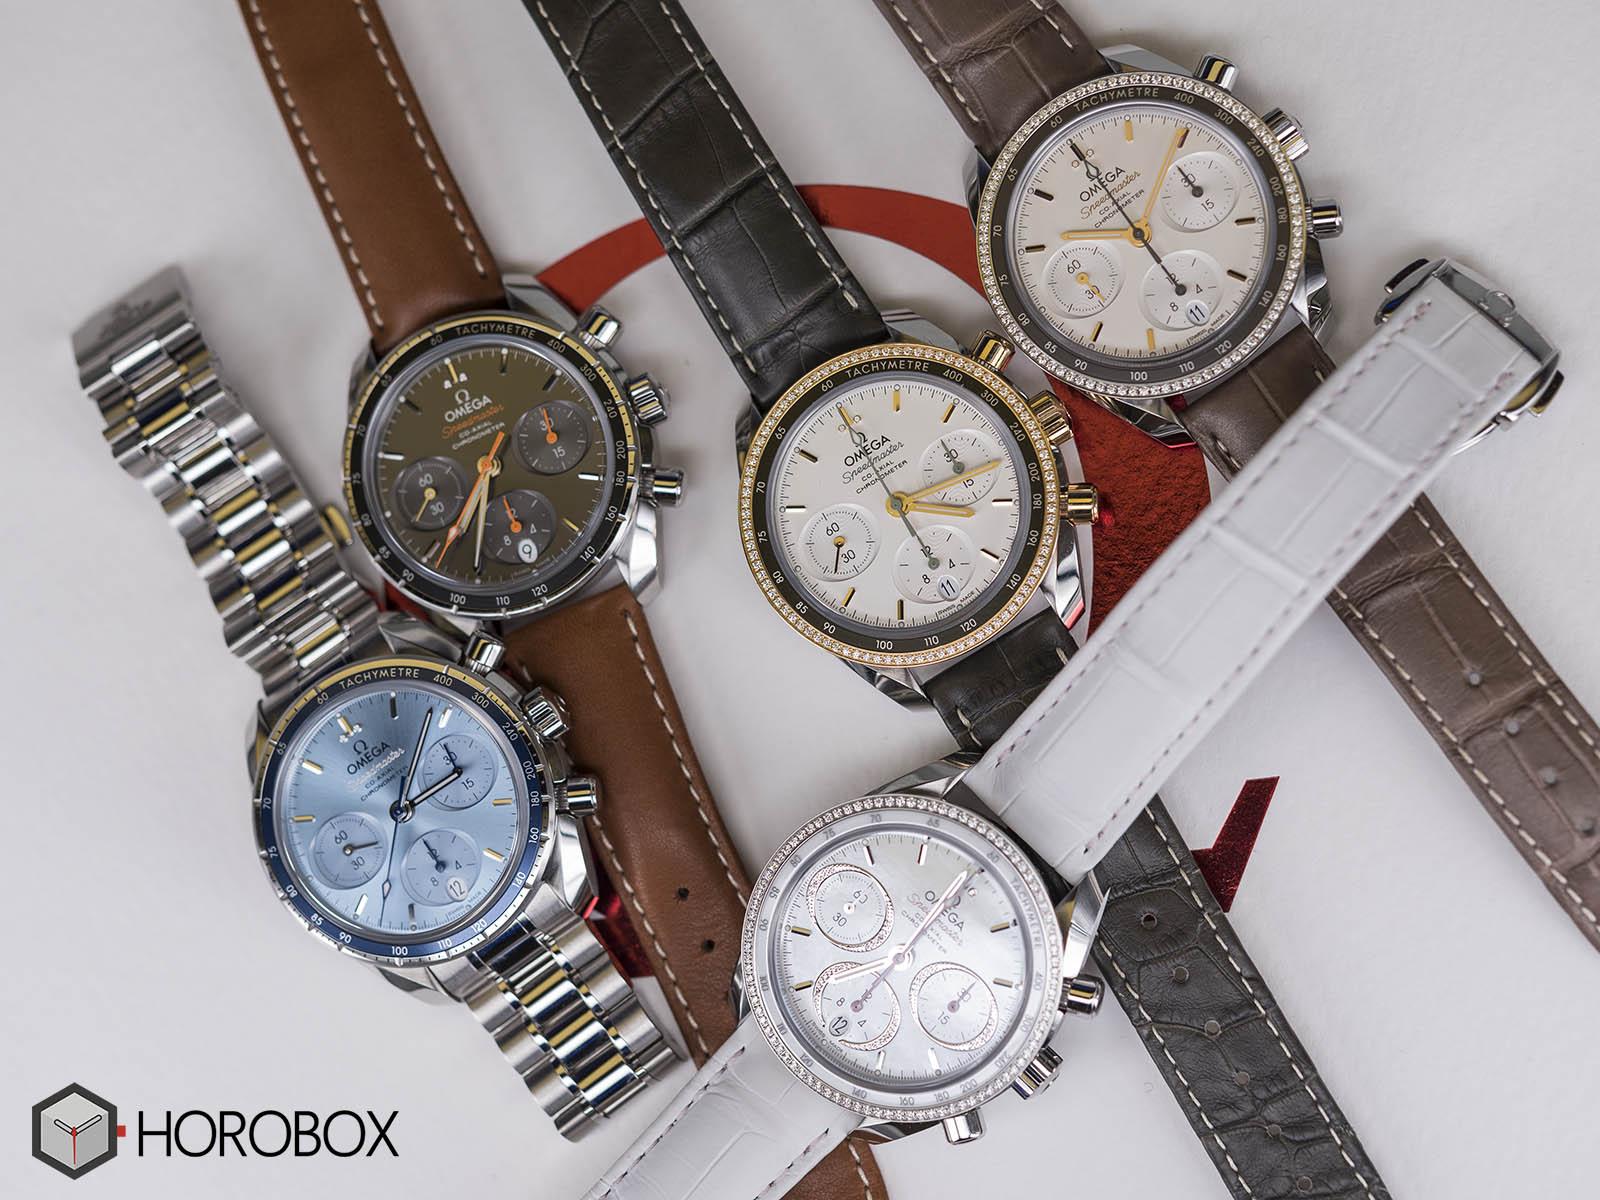 324-38-38-50-02-001-omega-speedmaster-38-chronograph-10.jpg